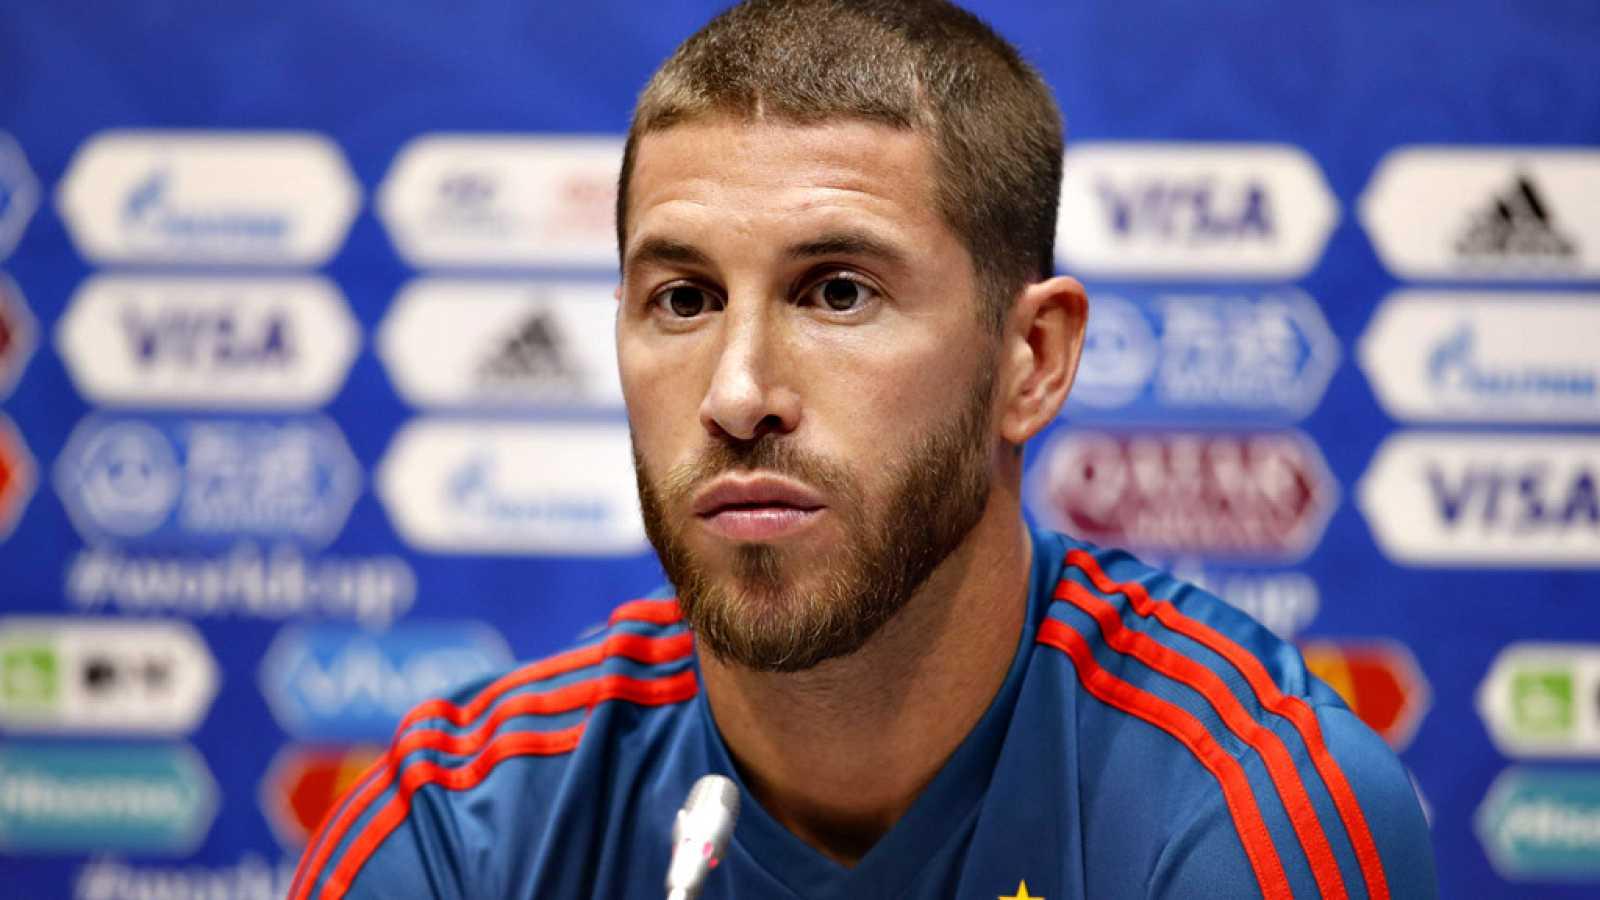 El capitán de la selección española de fútbol ha comparecido junto a Fernando Hierro en la víspera del debut en el Mundial frente a Portugal.